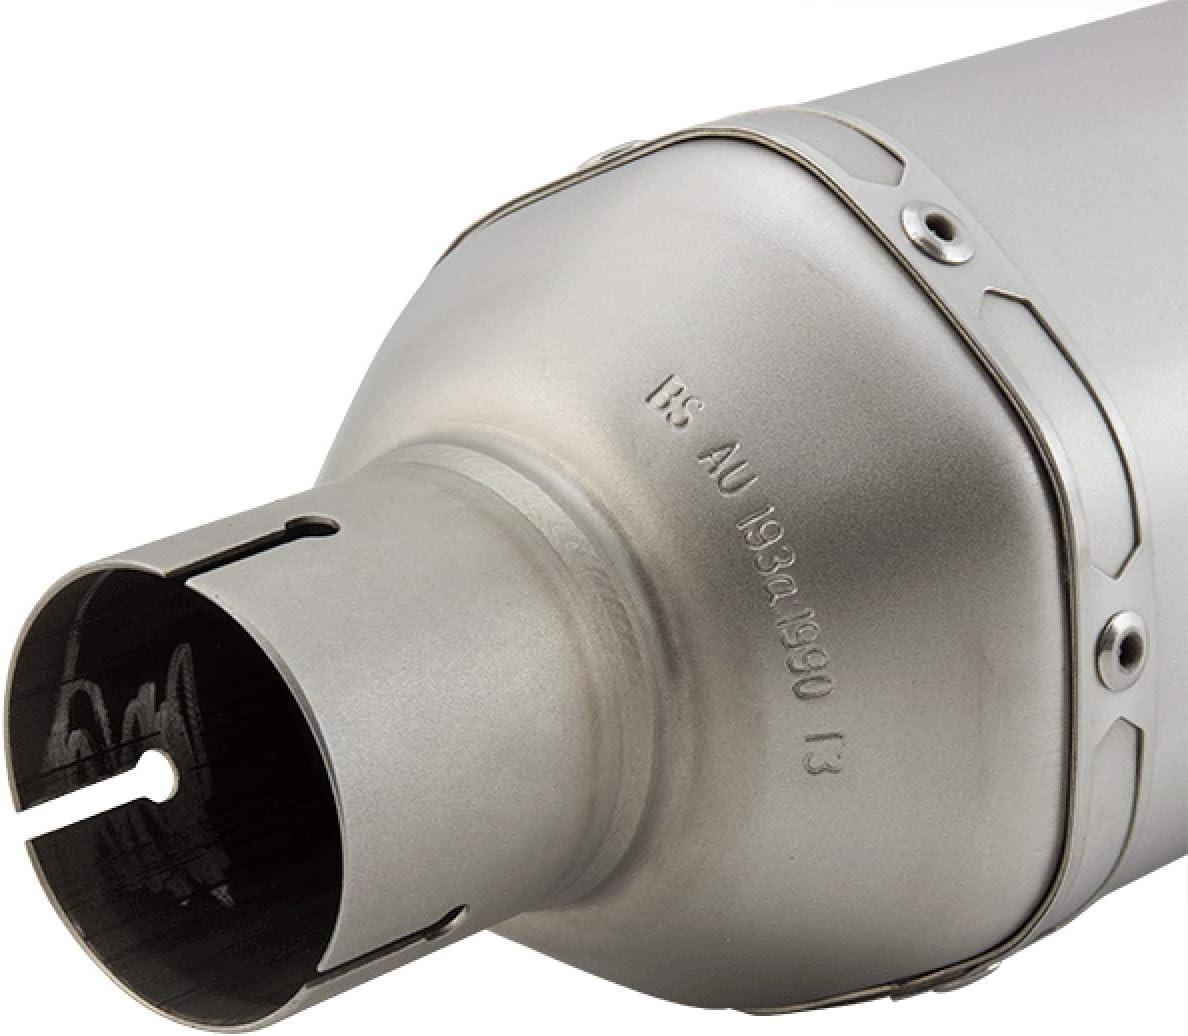 Lextek SP1 Matt S//Steel Hexagonal Exhaust Silencer 51mm